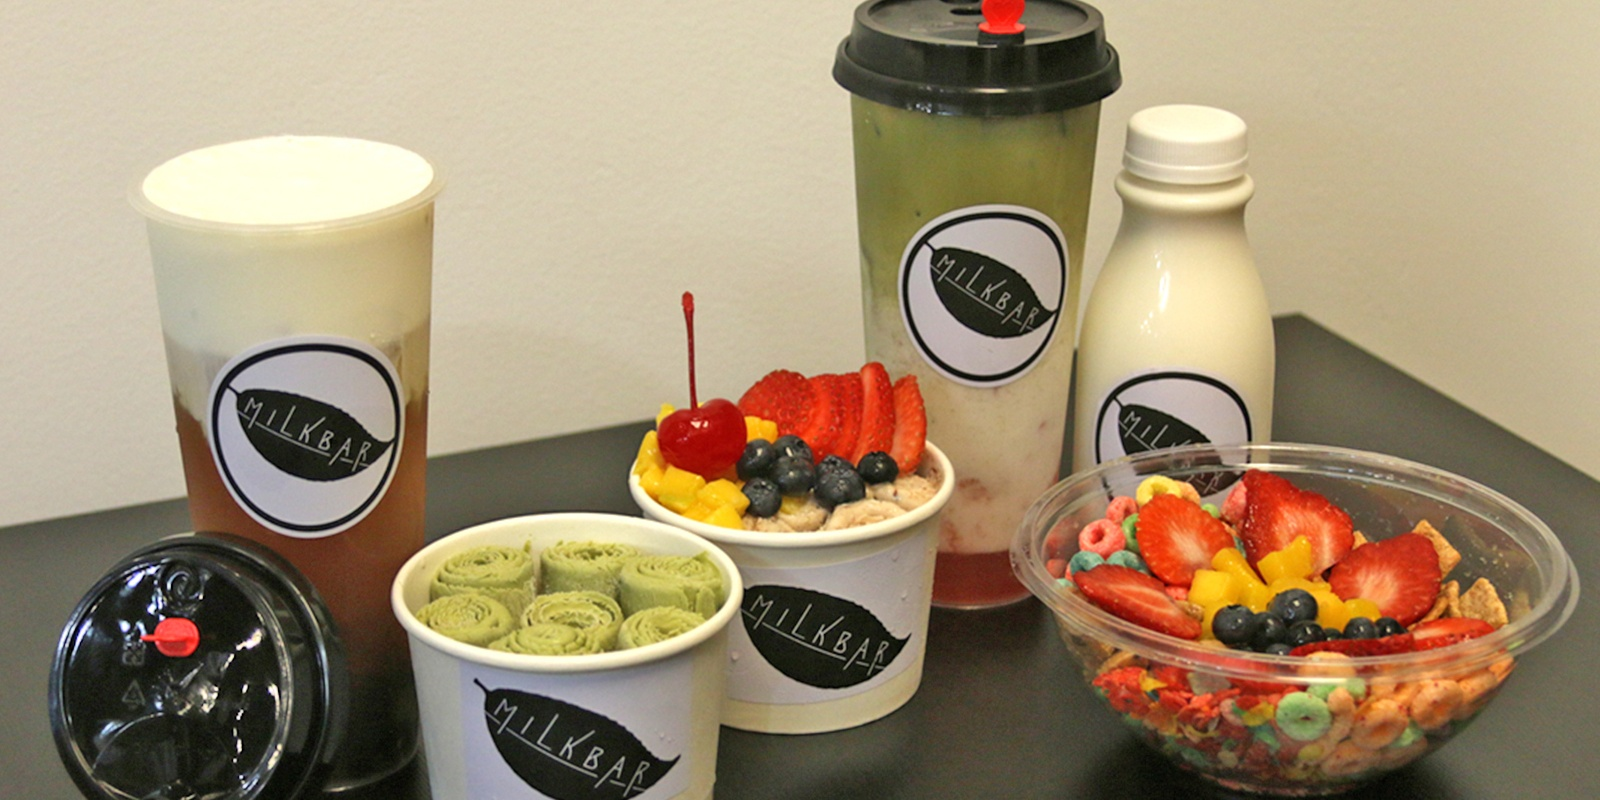 Milkbar-Offerings